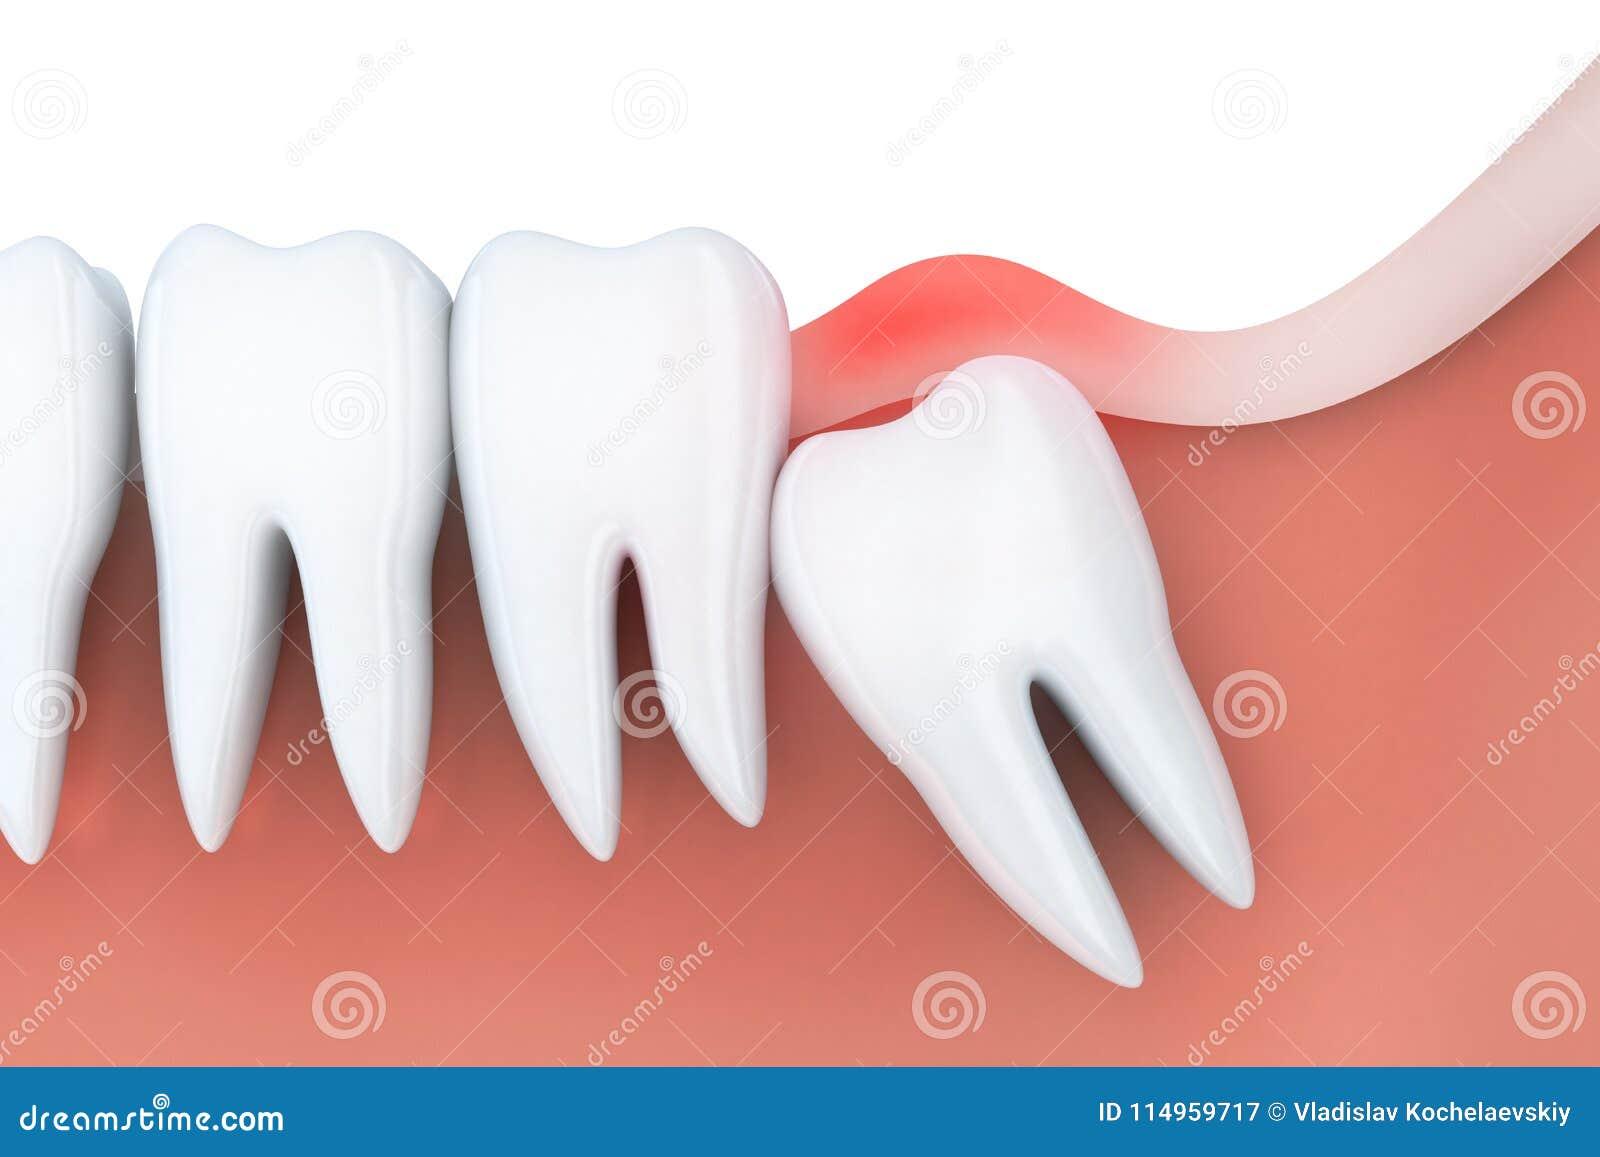 mal de dents dans la dent de sagesse illustration stock illustration du dents toothache. Black Bedroom Furniture Sets. Home Design Ideas